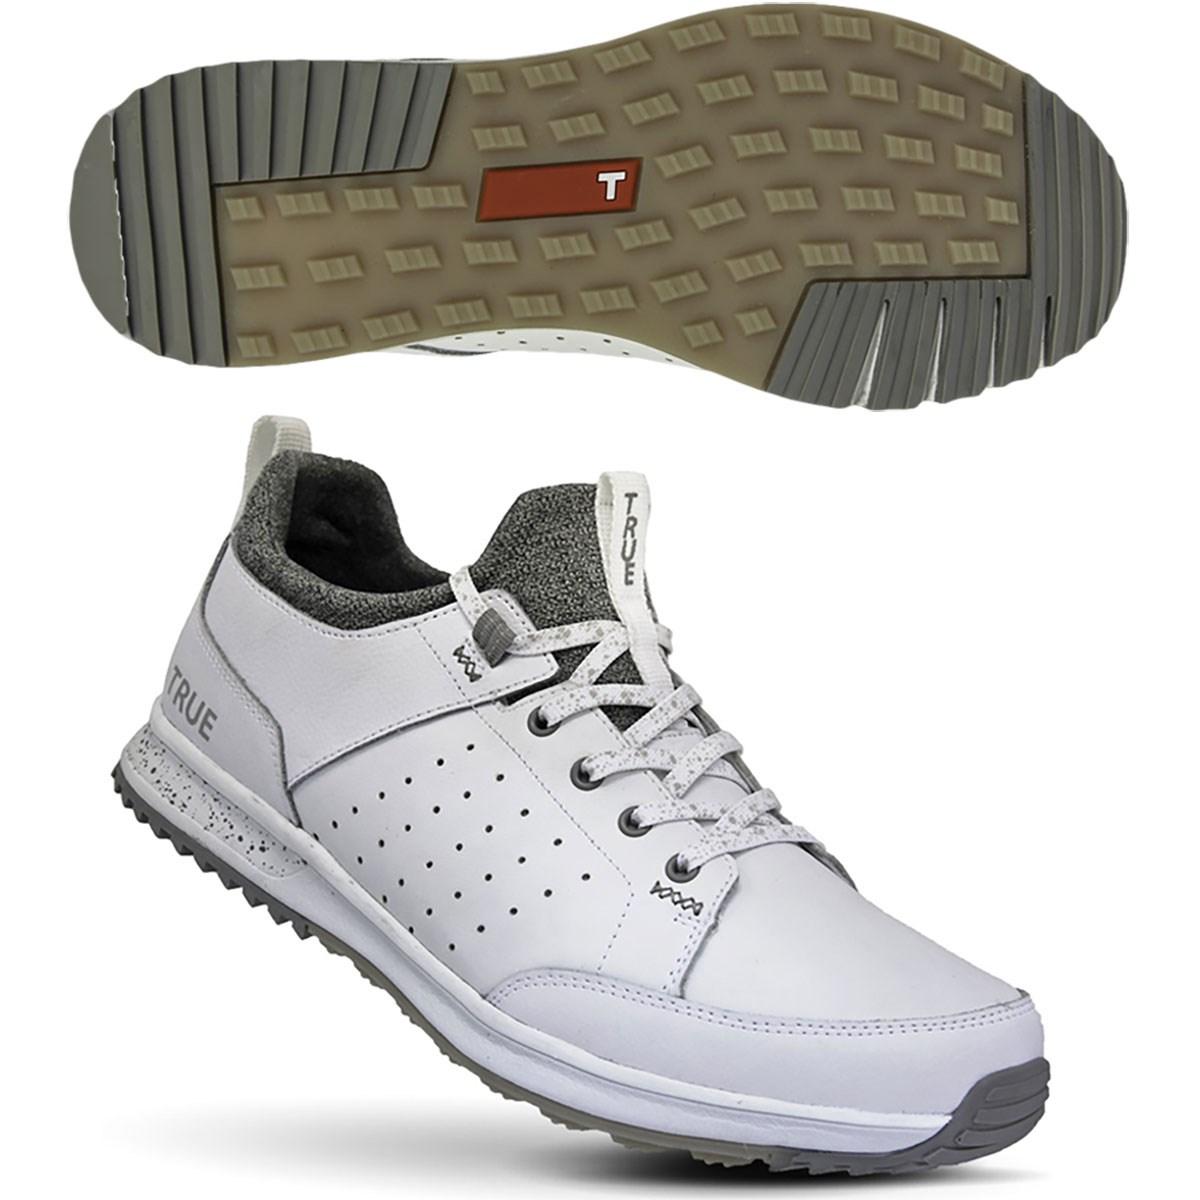 TRUE linkswear トゥルーリンクスウェア OUTSIDER シューズ[ゴルフ用品 GOLF GDO シューズ 靴 メンズ 男性用 メンズシューズ スポーツシューズ メンズスポーツシューズ おしゃれ スポーツ用品 通販 ]